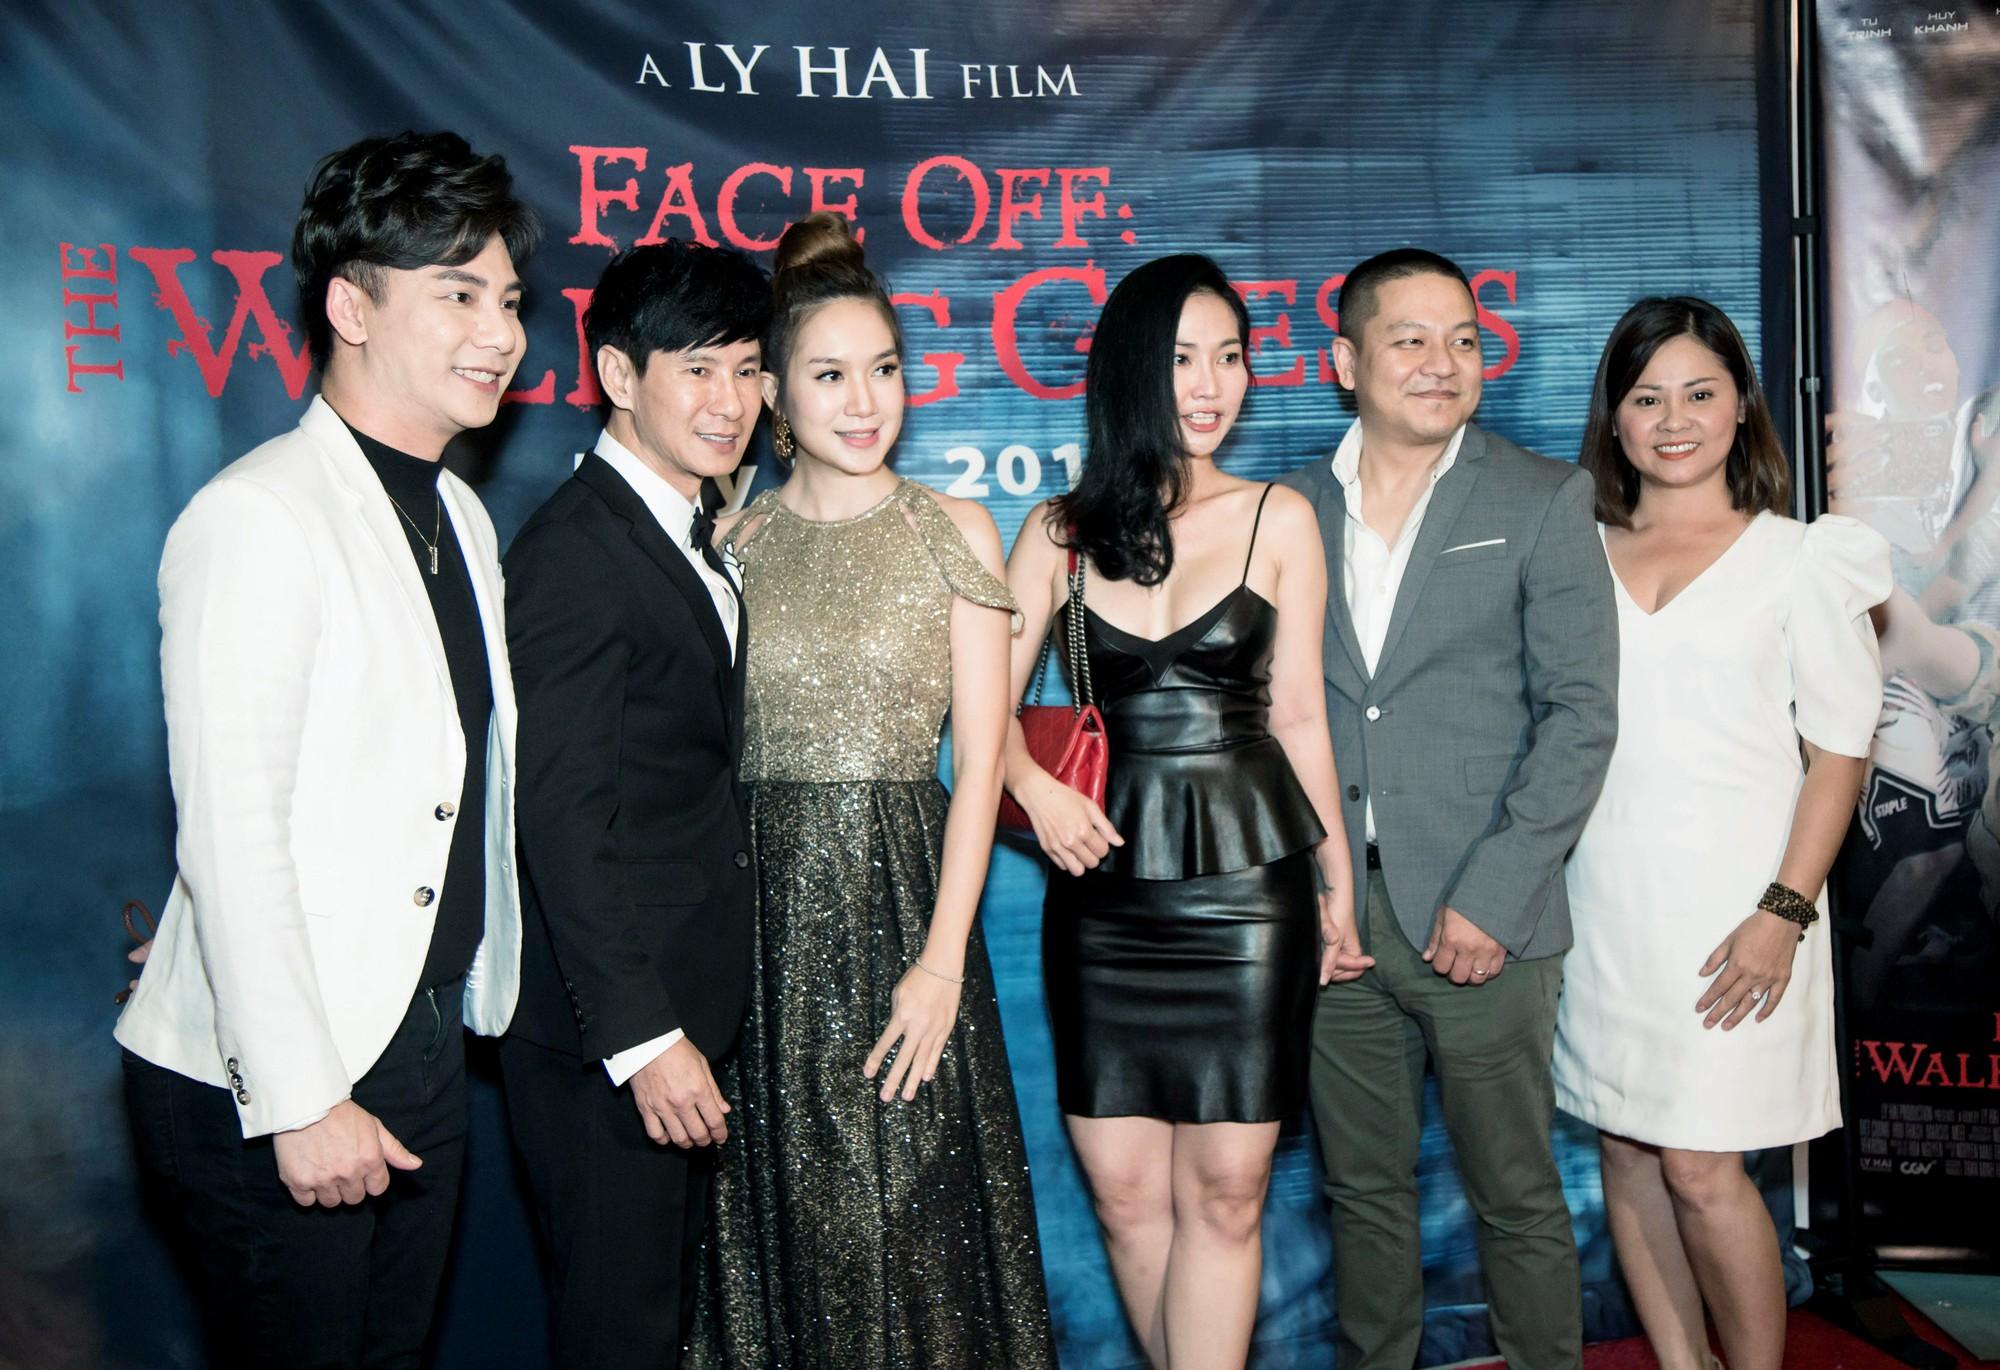 Vợ chồng Lý Hải - Minh Hà rạng rỡ trong ngày đưa phim sang Mỹ - Ảnh 2.